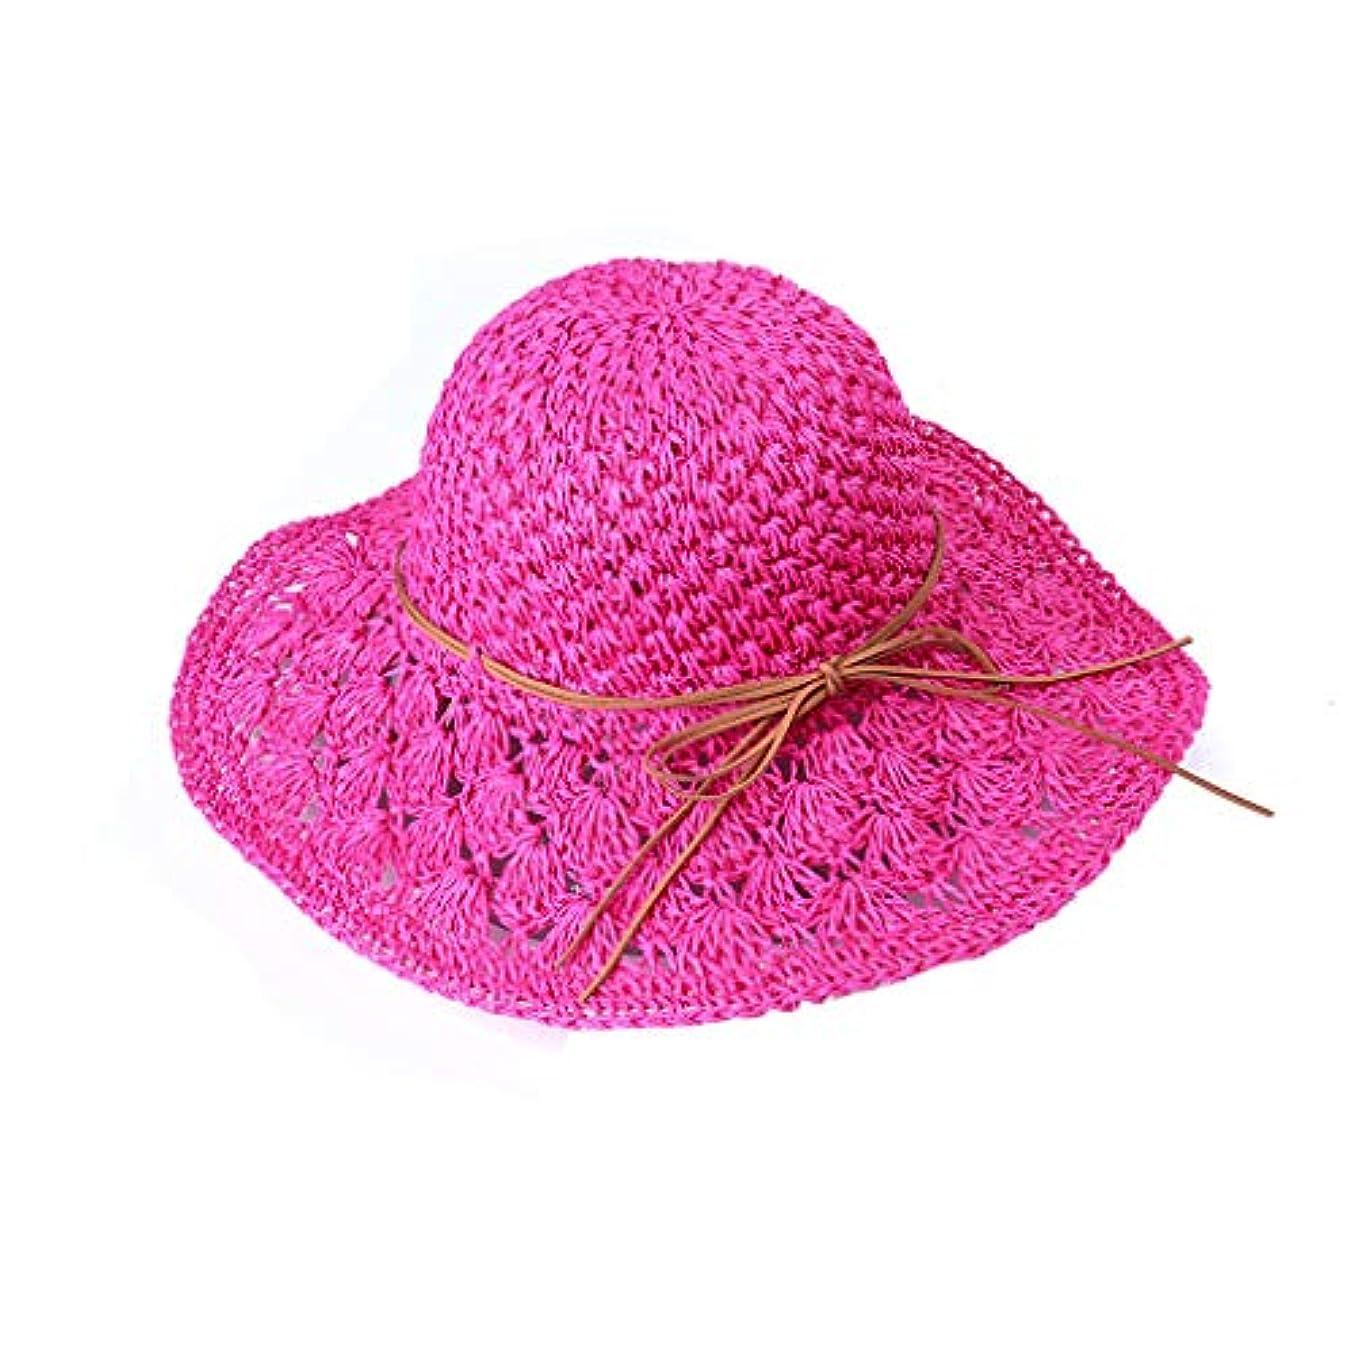 兵士凶暴な入学する帽子 レディース UVカット uv帽 熱中症予防 広幅 取り外すあご紐 スナップ収納 折りたたみ つば広 調節テープ 吸汗通気 つば広 紫外線カット サファリハット 紫外線対策 おしゃれ 高級感 ROSE ROMAN